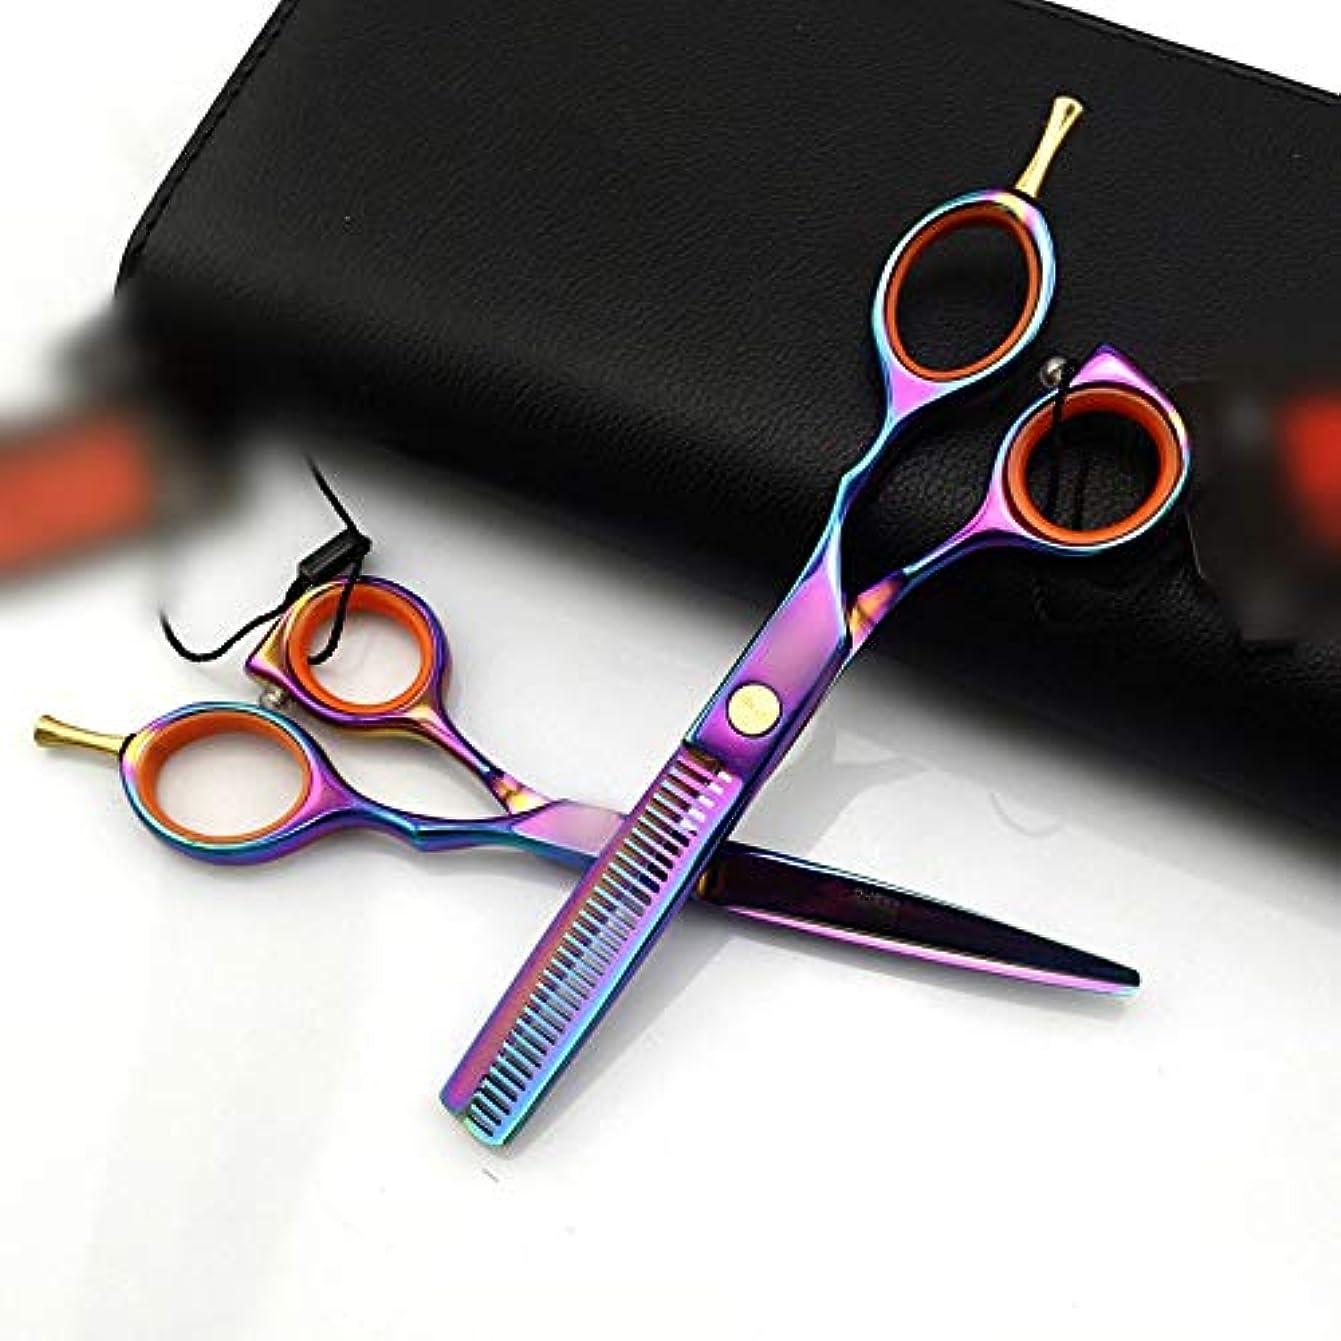 眠り割り込み軍艦Goodsok-jp 5.5インチの多彩な専門の理髪はさみ、平らな歯の理髪はさみセット (色 : Colors)